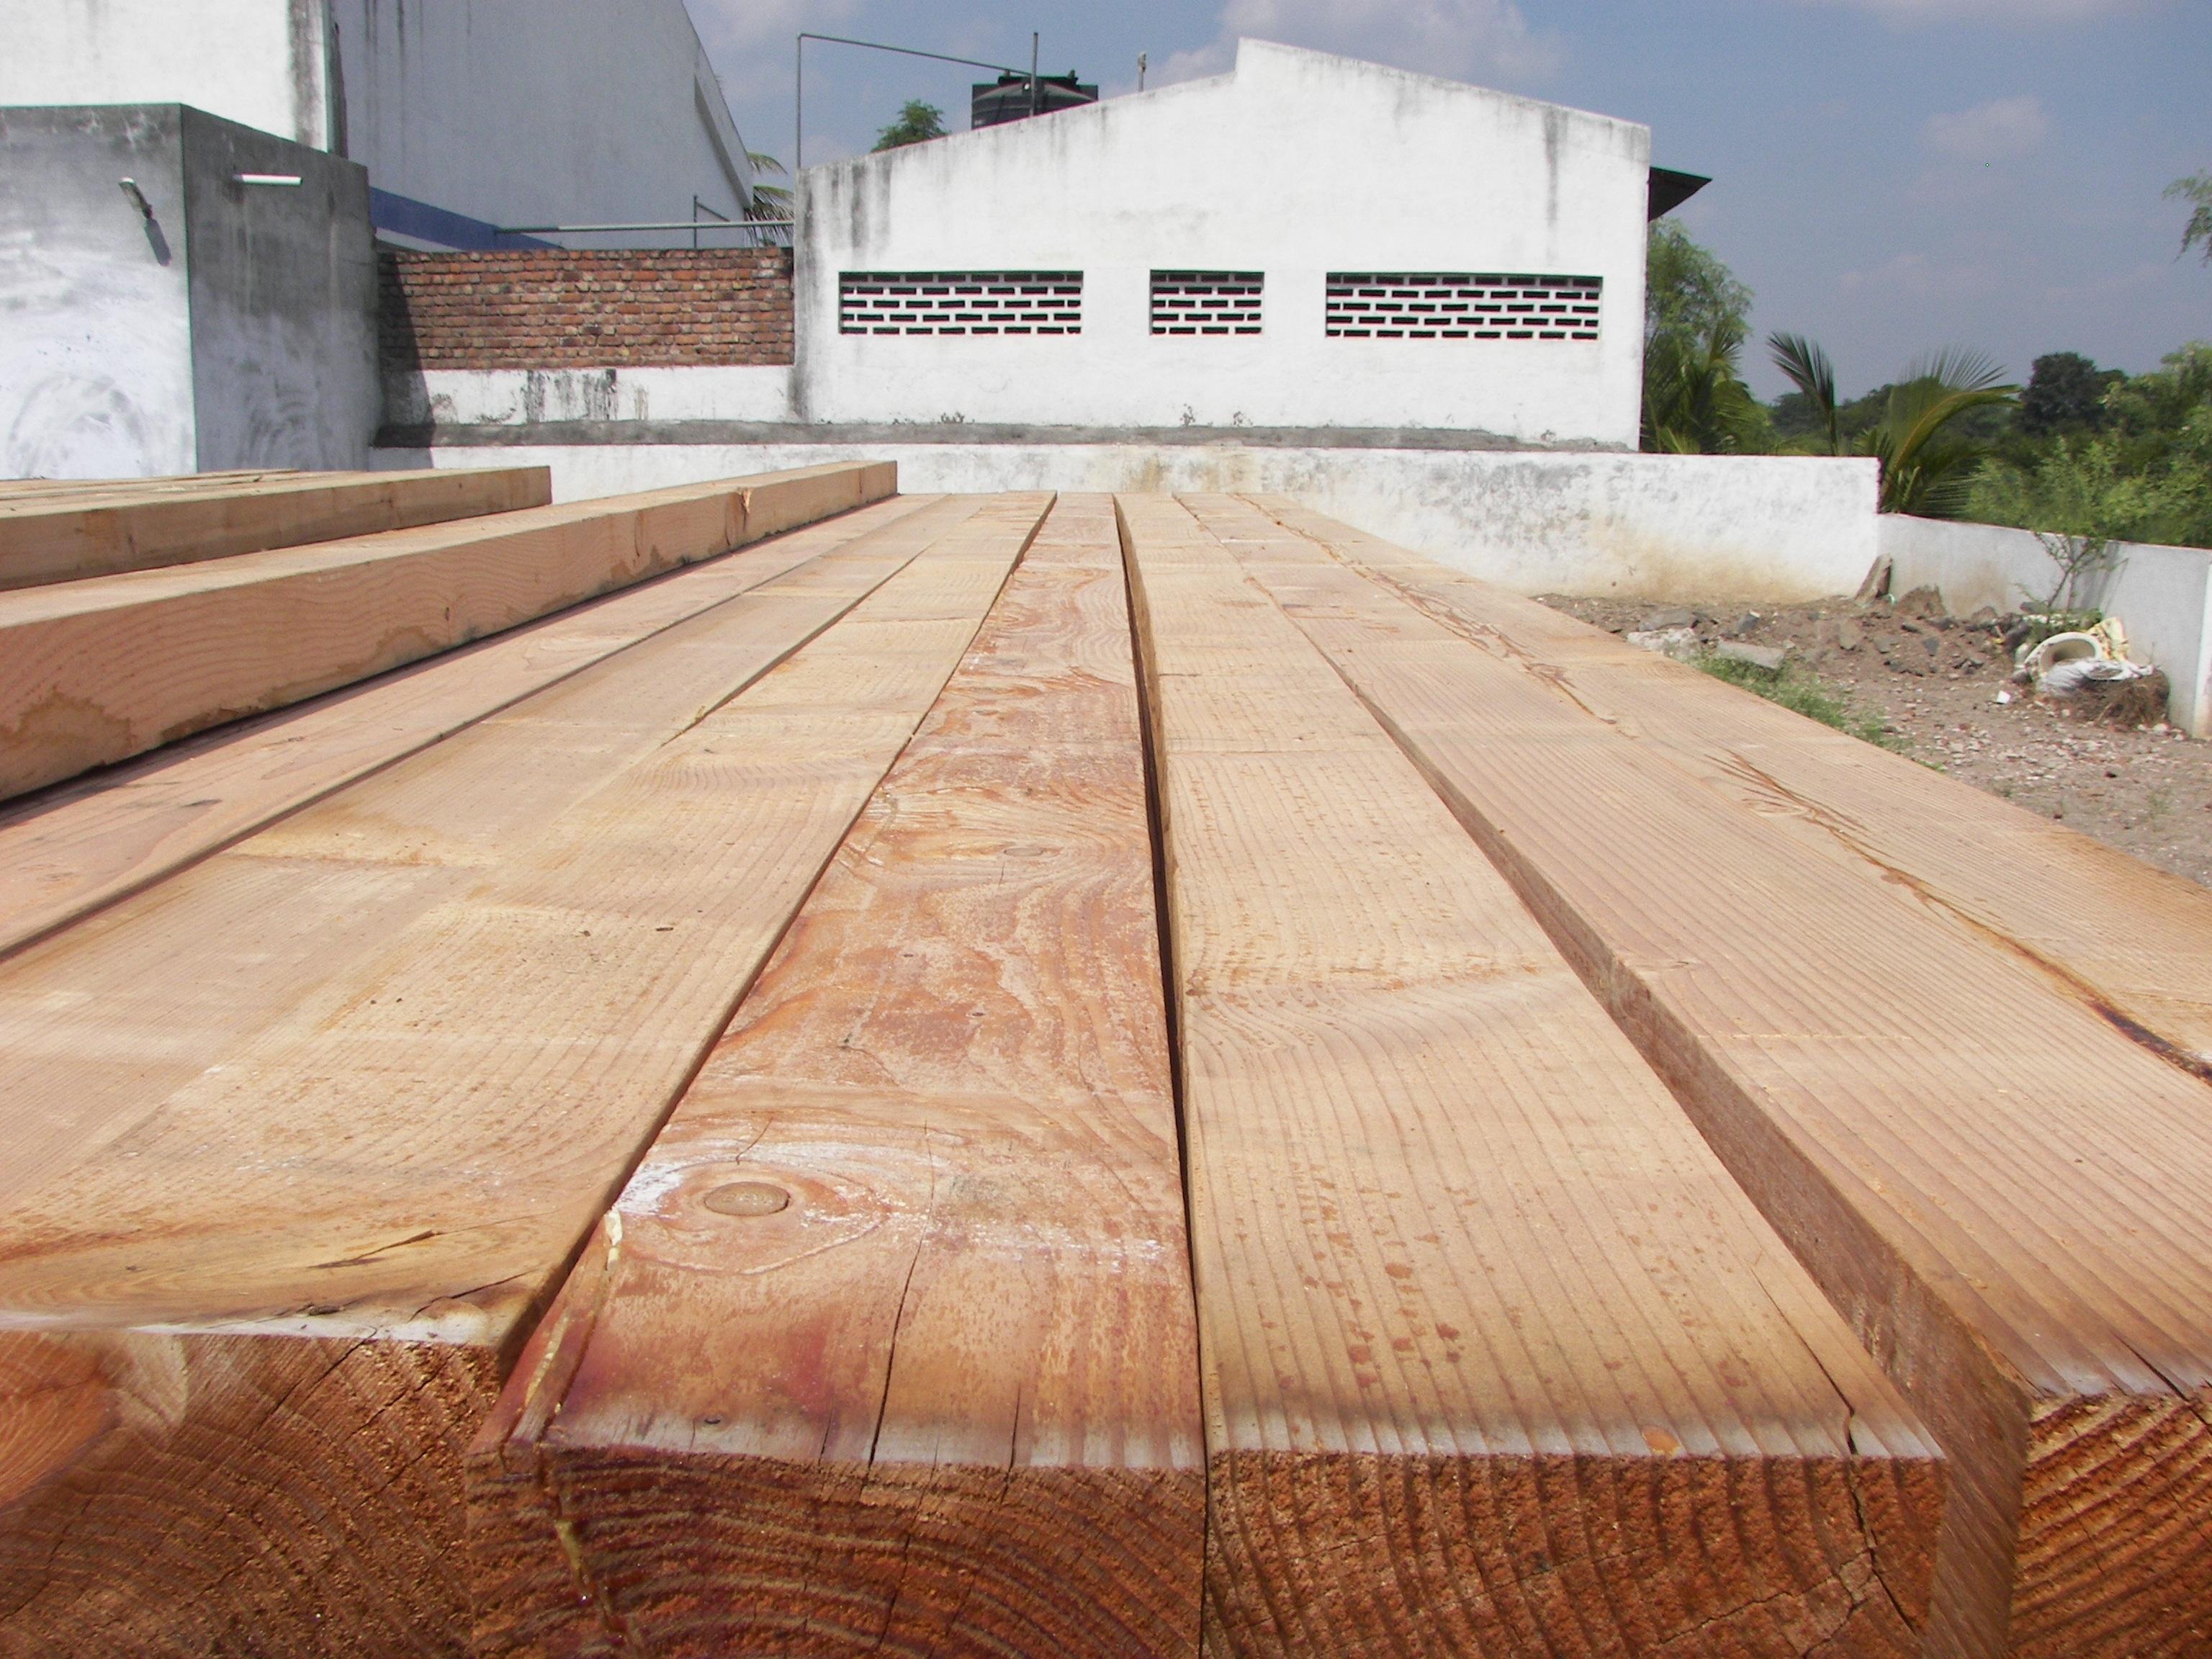 Mobili lavelli prezzo del legno abete - Tavole abete prezzo al metro cubo ...